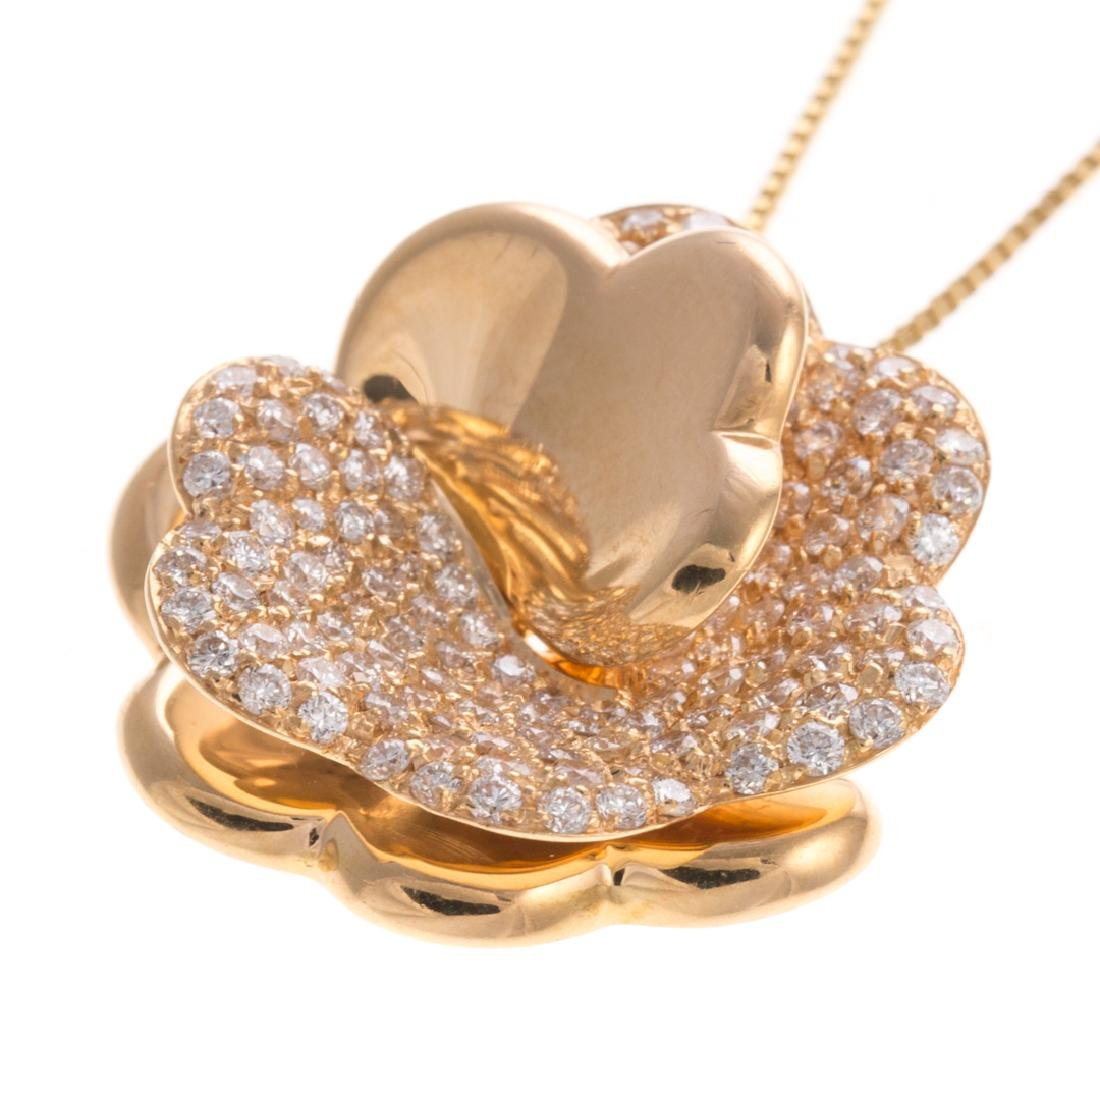 A Giorgio Visconti Diamond Flower Necklace in 18K - 3